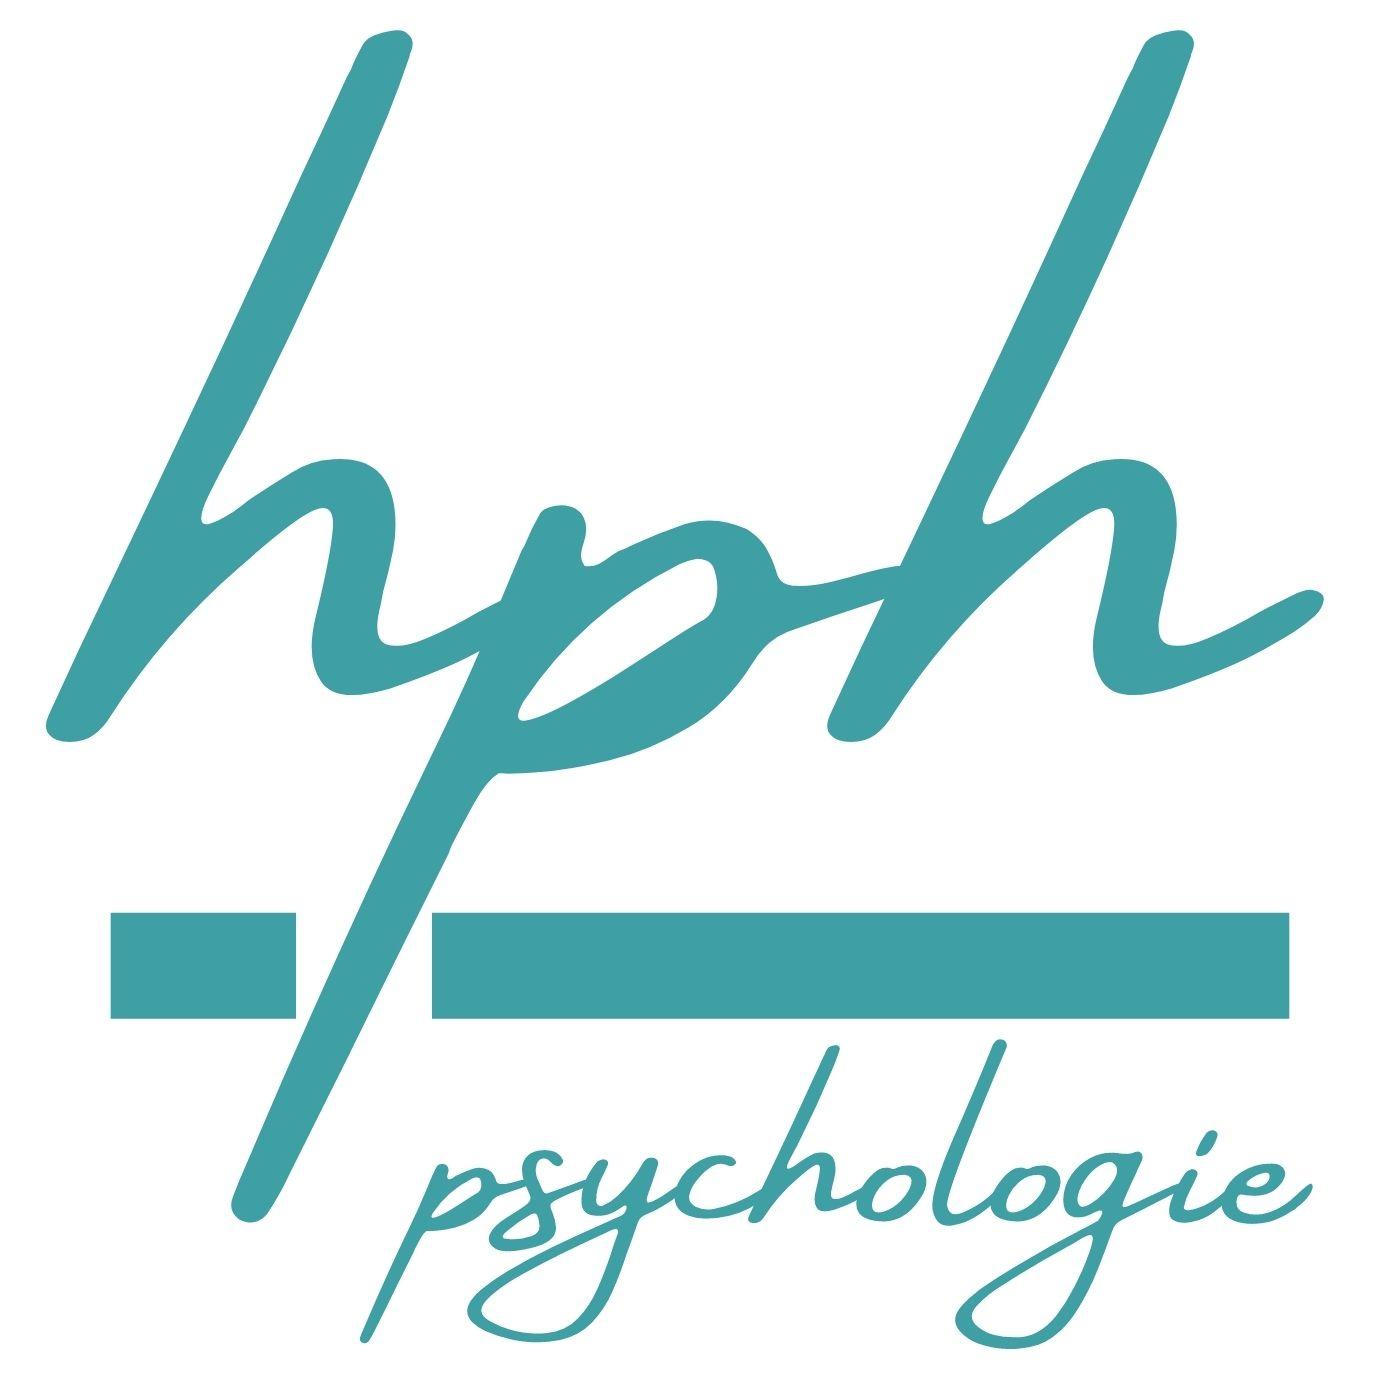 Willkommen auf hph-psychologie, dem Blog & Podcast